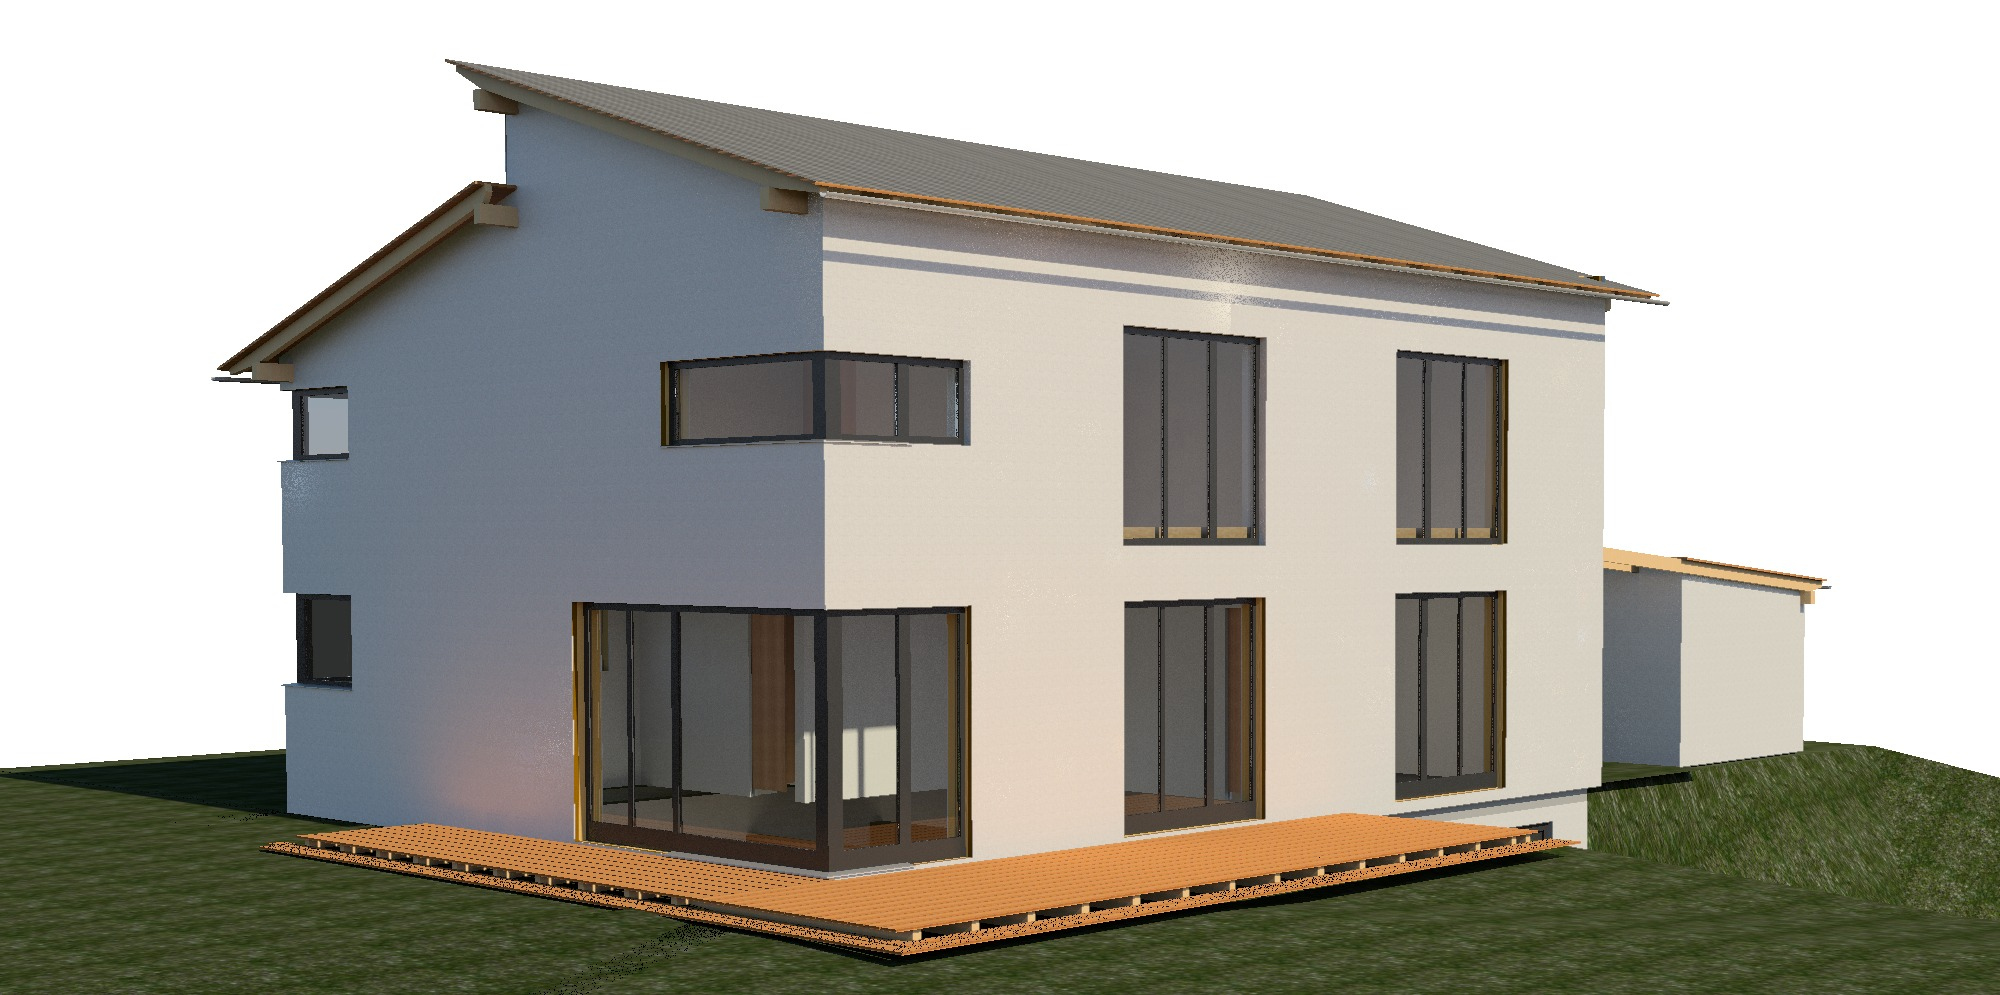 Raas-rendering20150312-26058-ymbz9l